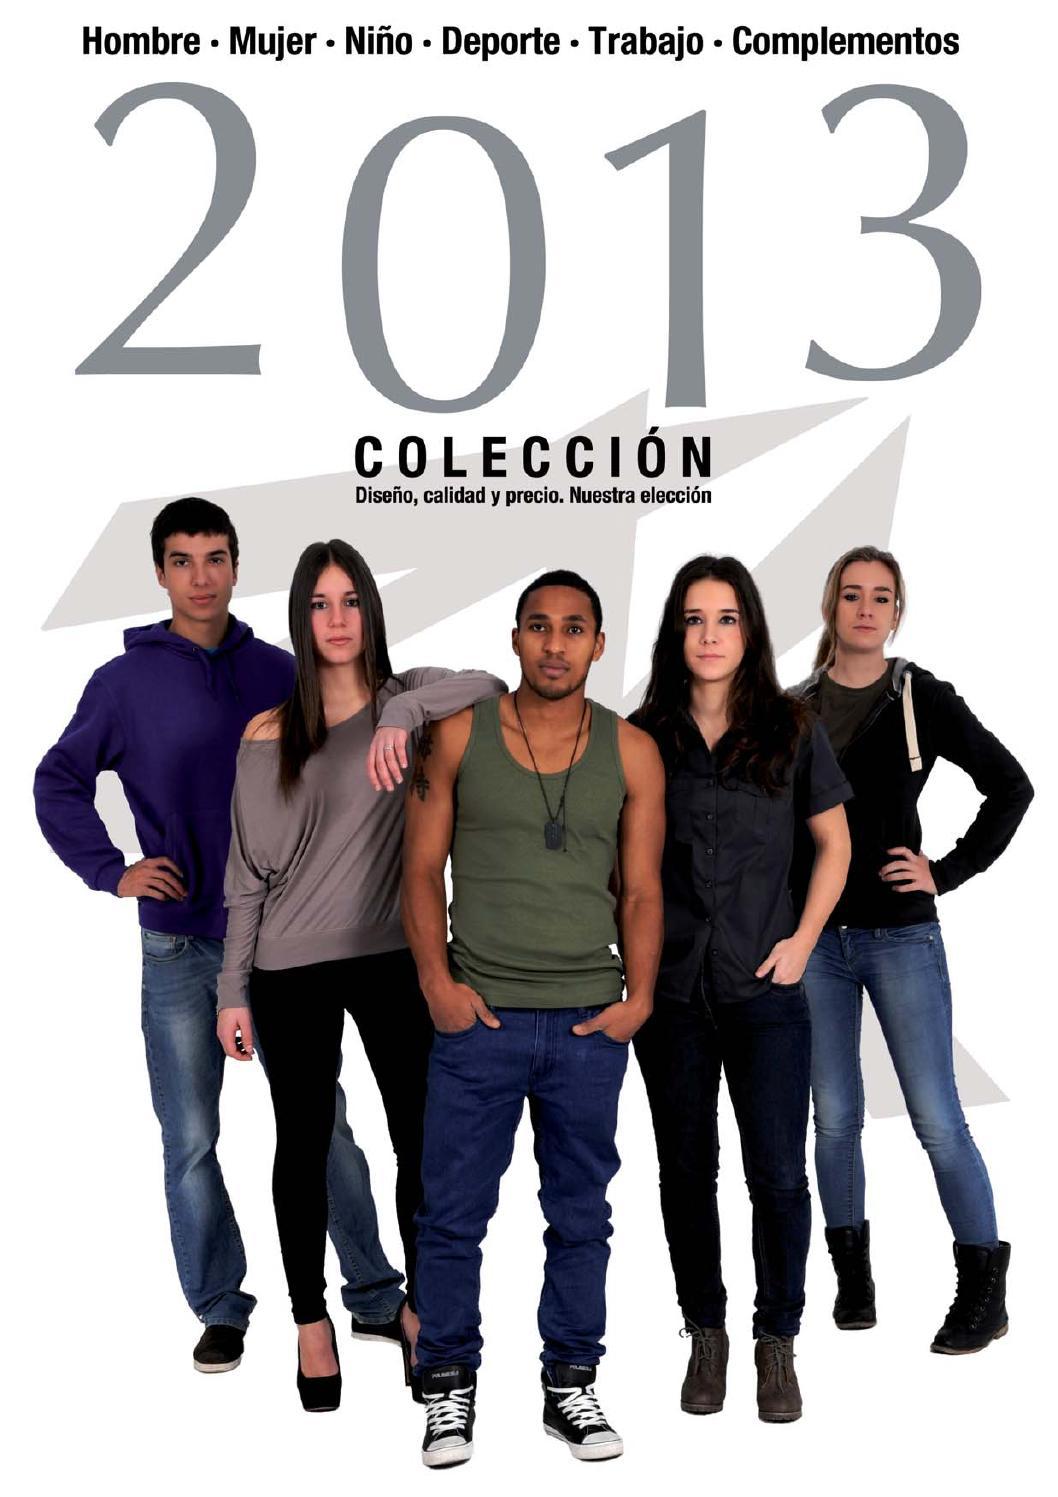 Catalogo 2013 by ESCARABAT - issuu 6cbdd3fb830